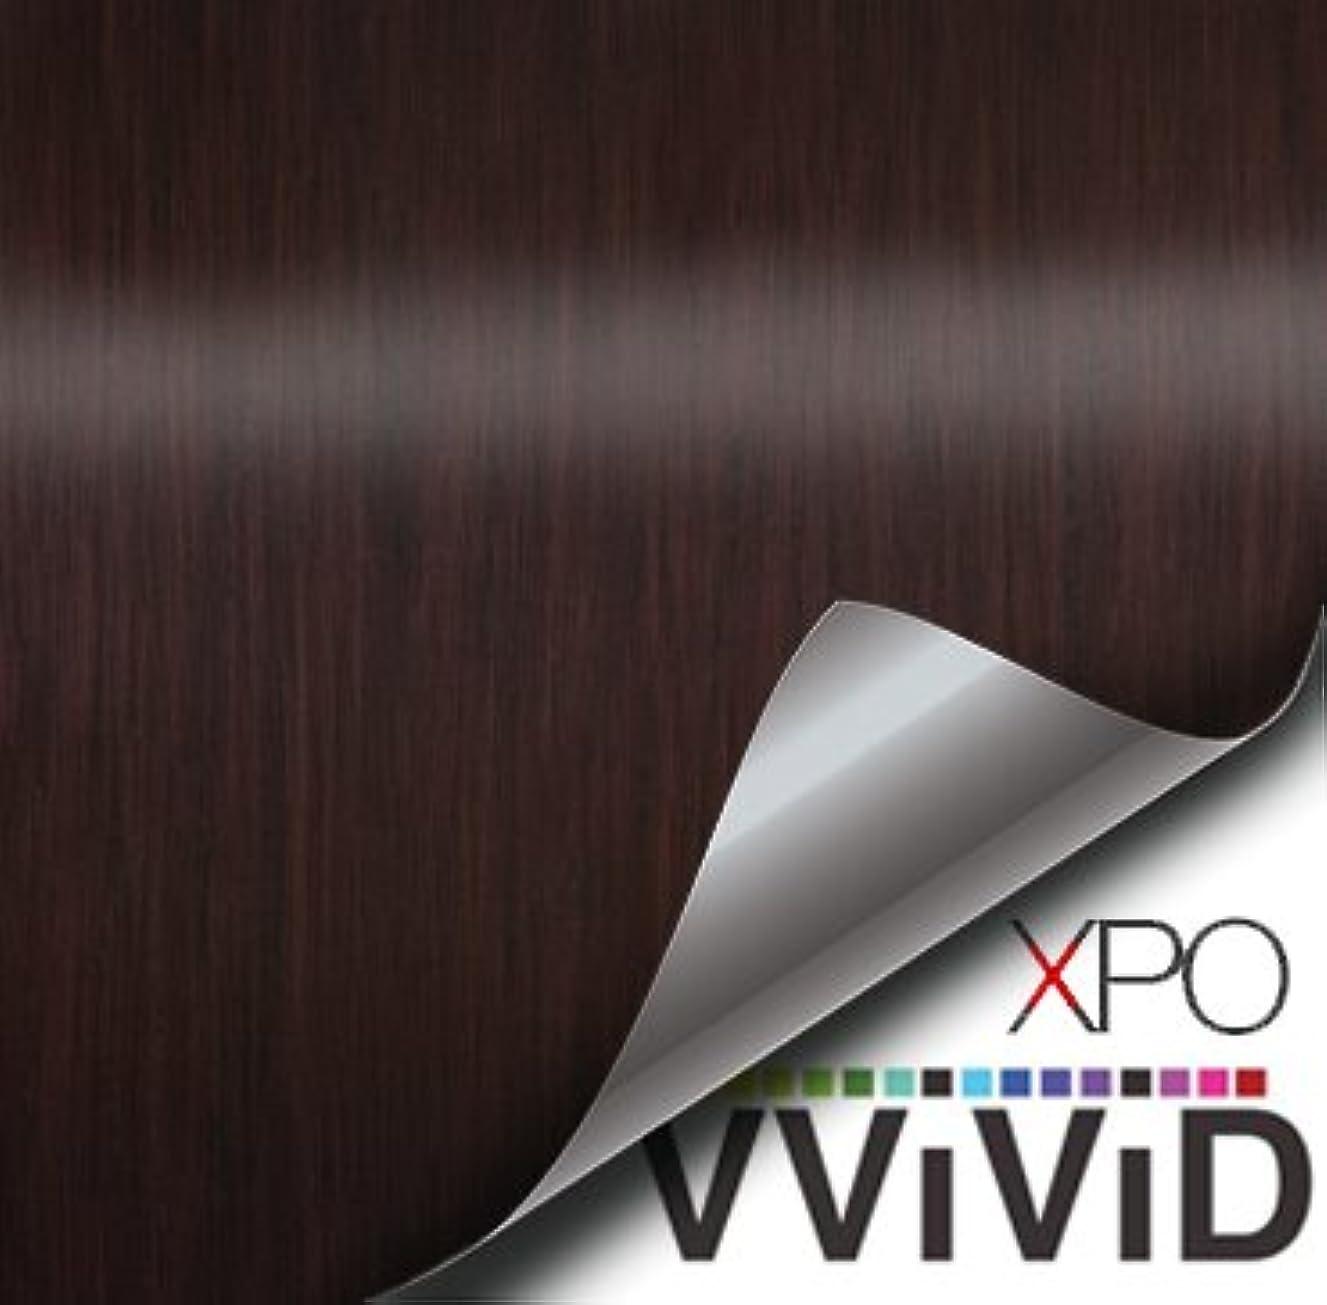 VViViD Wood Grain Textured Adhesive Craft 12